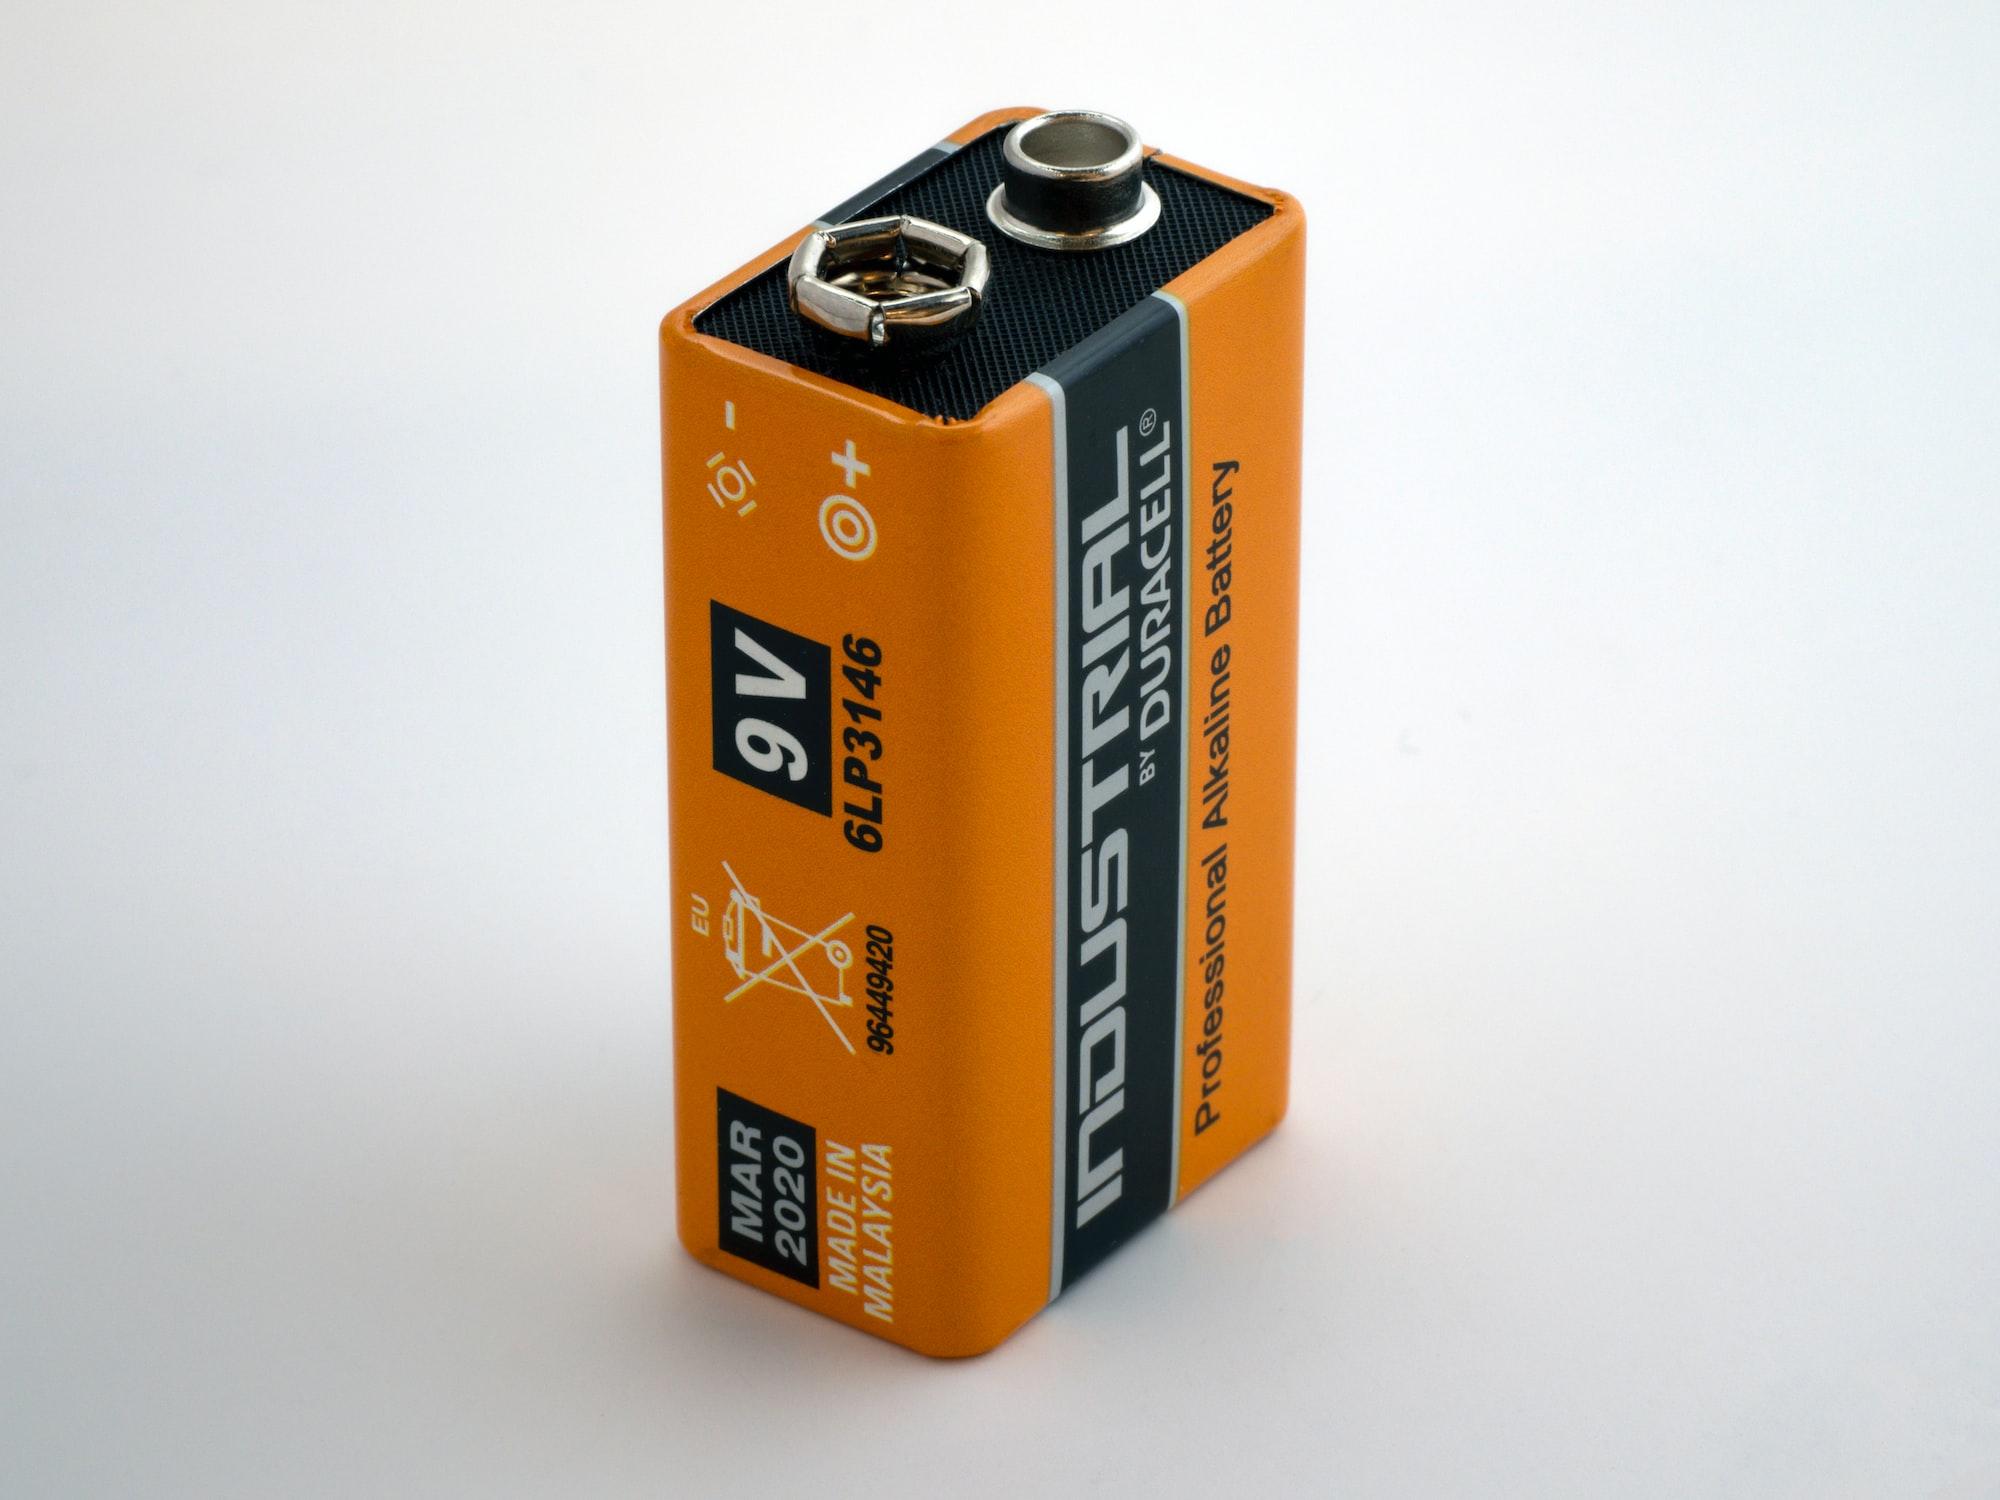 Akü Takviye Kablosu Nasıl Bağlanır?